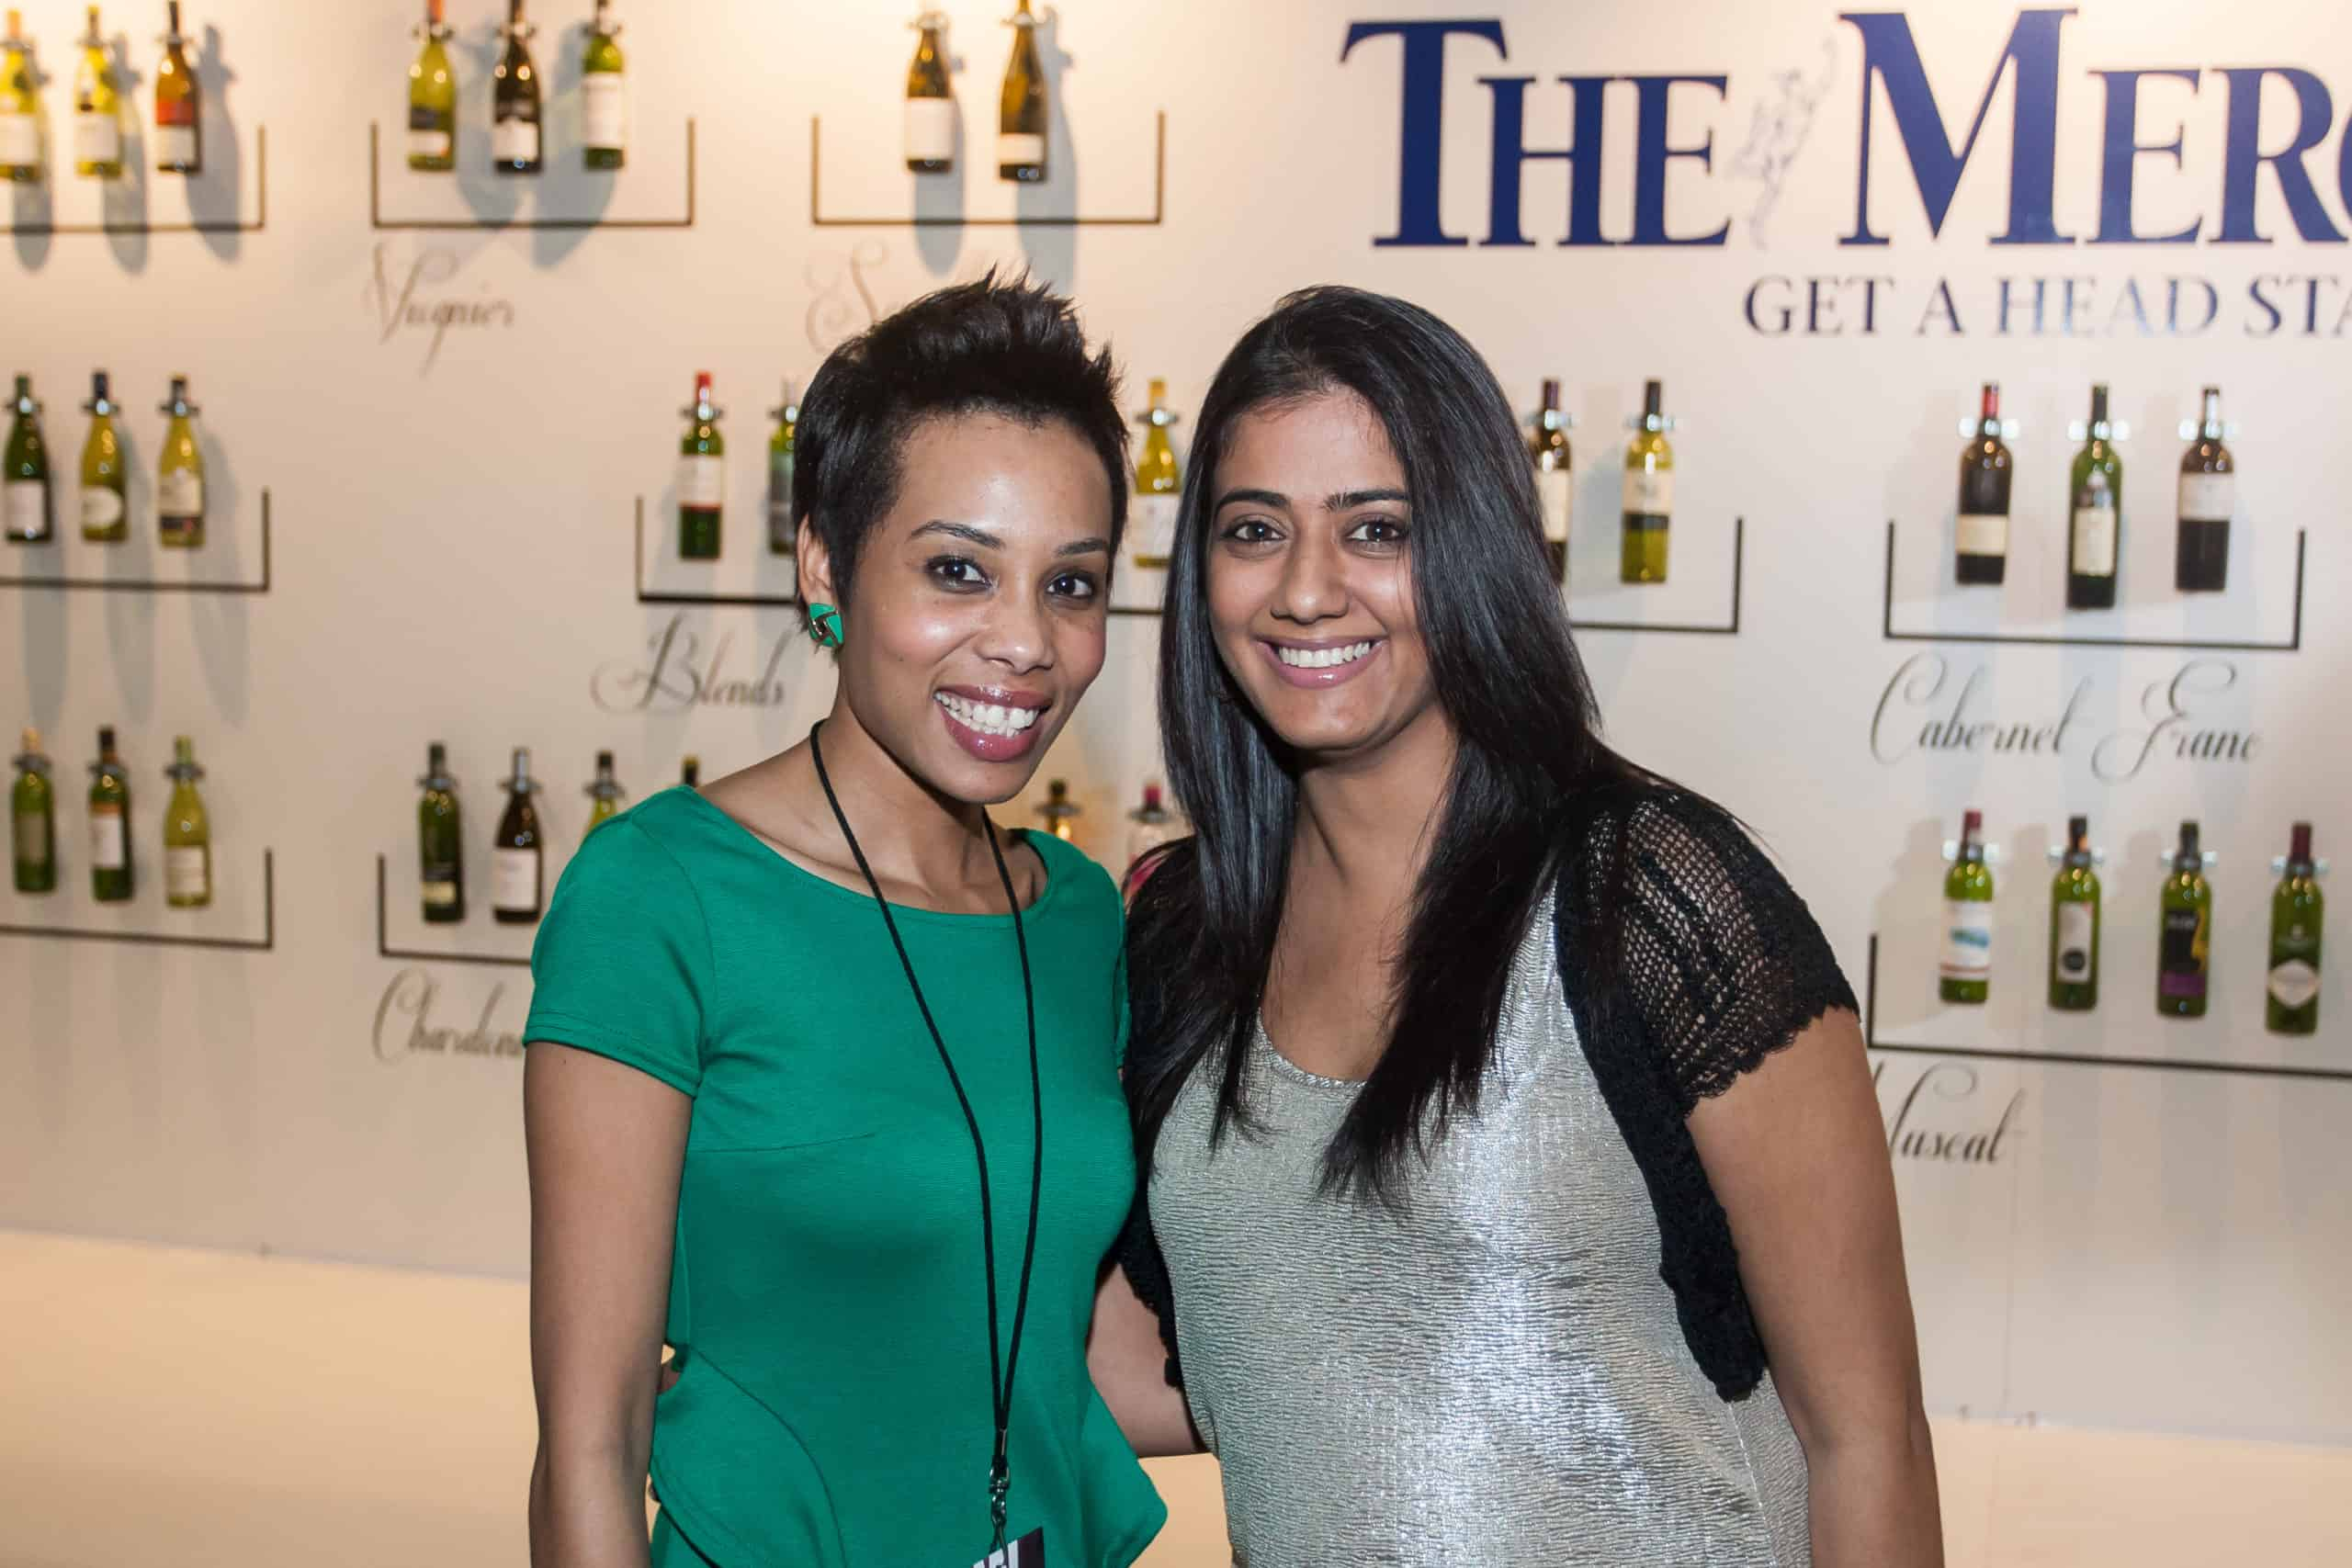 The Mercury Wine show